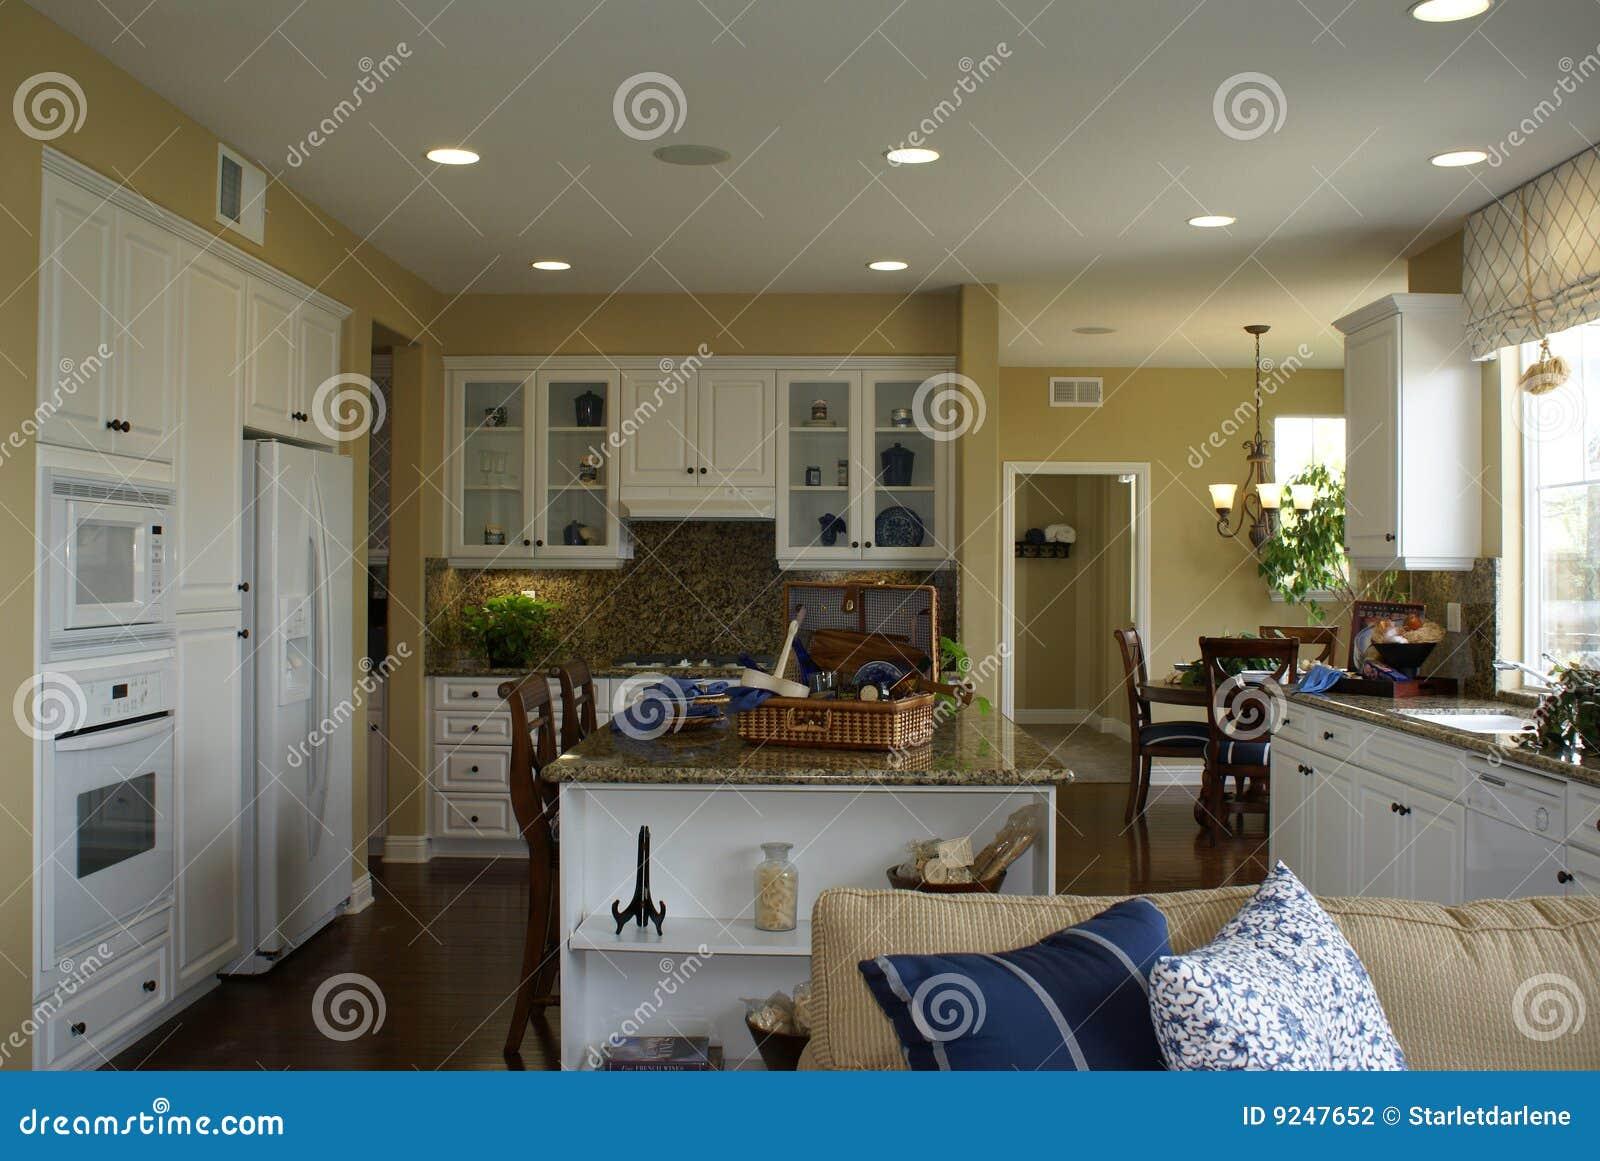 Beautiful White Kitchen Stock Photo Image Of Floor Cheery 9247652